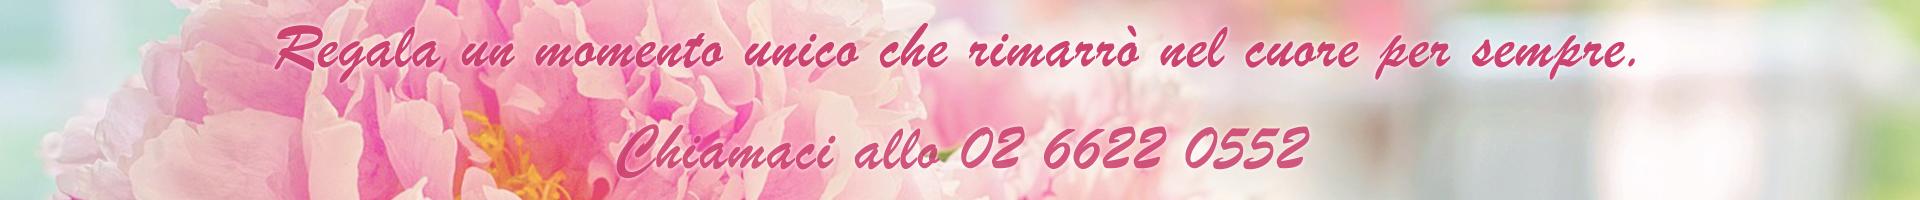 www.rossettisposa.it_striscia-contatto